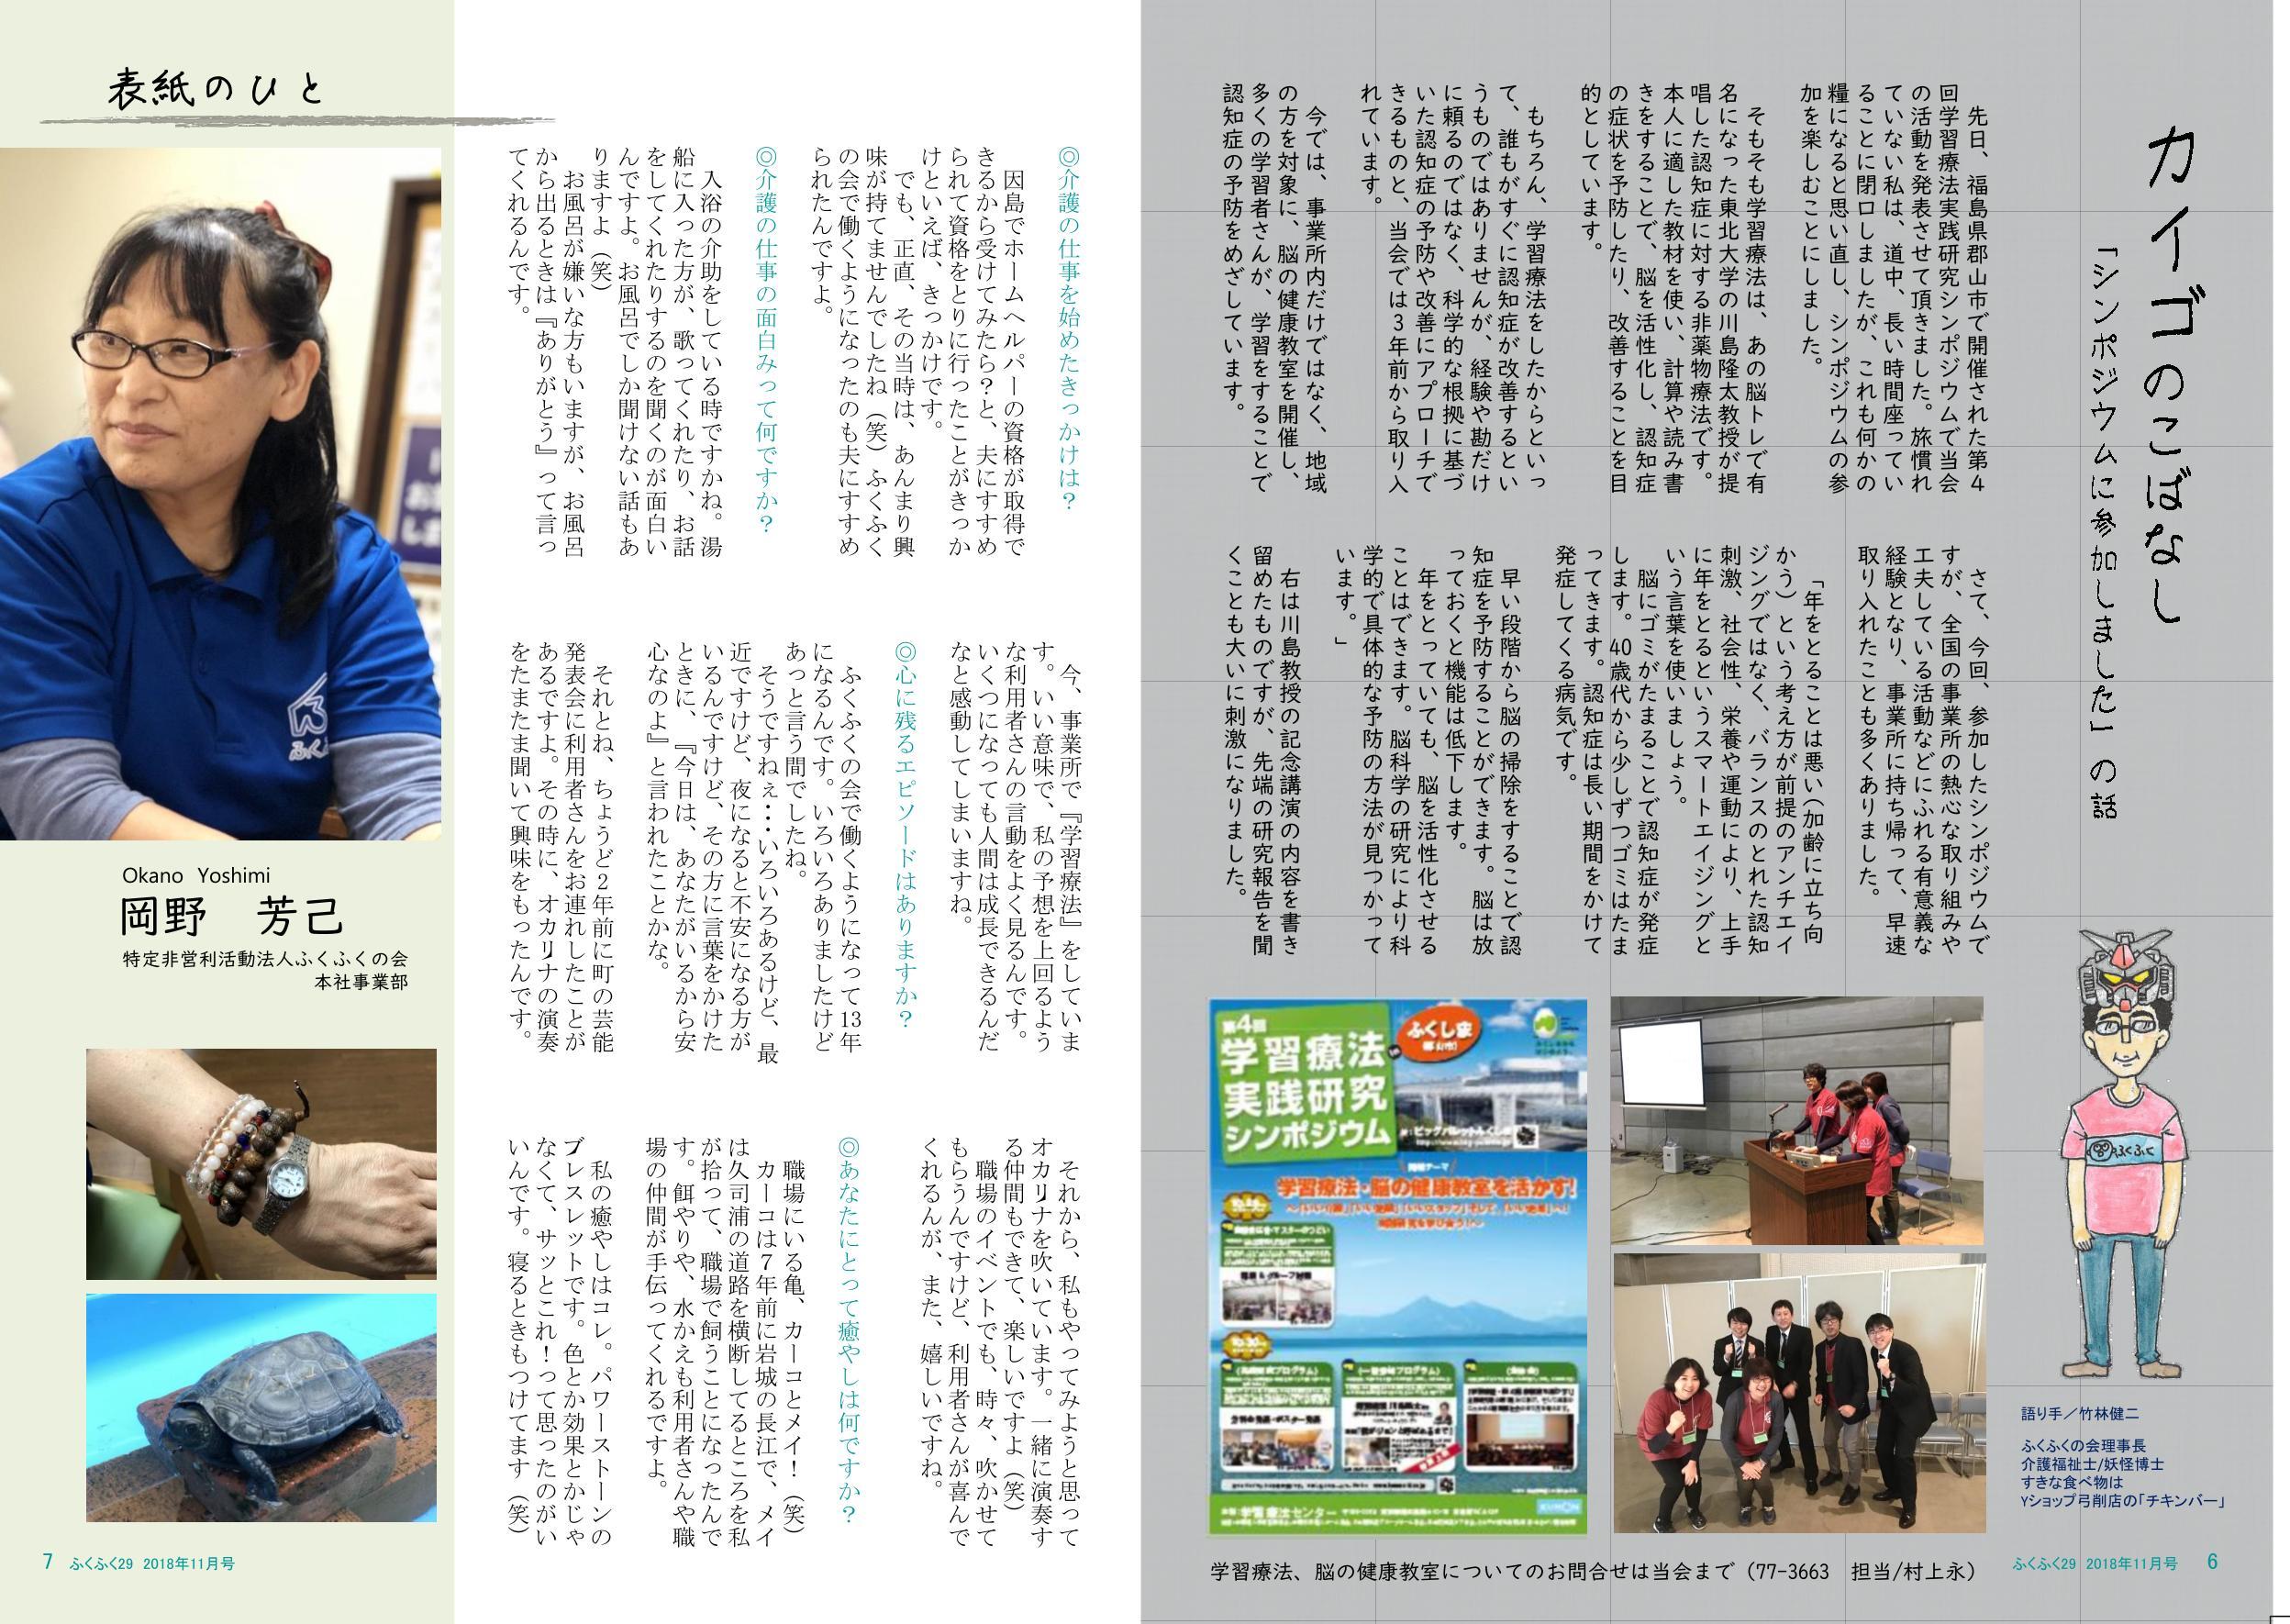 http://fukufukunokai.com/newsletter/images/%E3%81%B5%E3%81%8F%E3%81%B5%E3%81%8F29%E3%80%8011%E6%9C%88%E5%8F%B7%28%E5%85%A5%E7%A8%BF%E3%83%87%E3%83%BC%E3%82%BF%EF%BC%89_cropped_4.jpeg